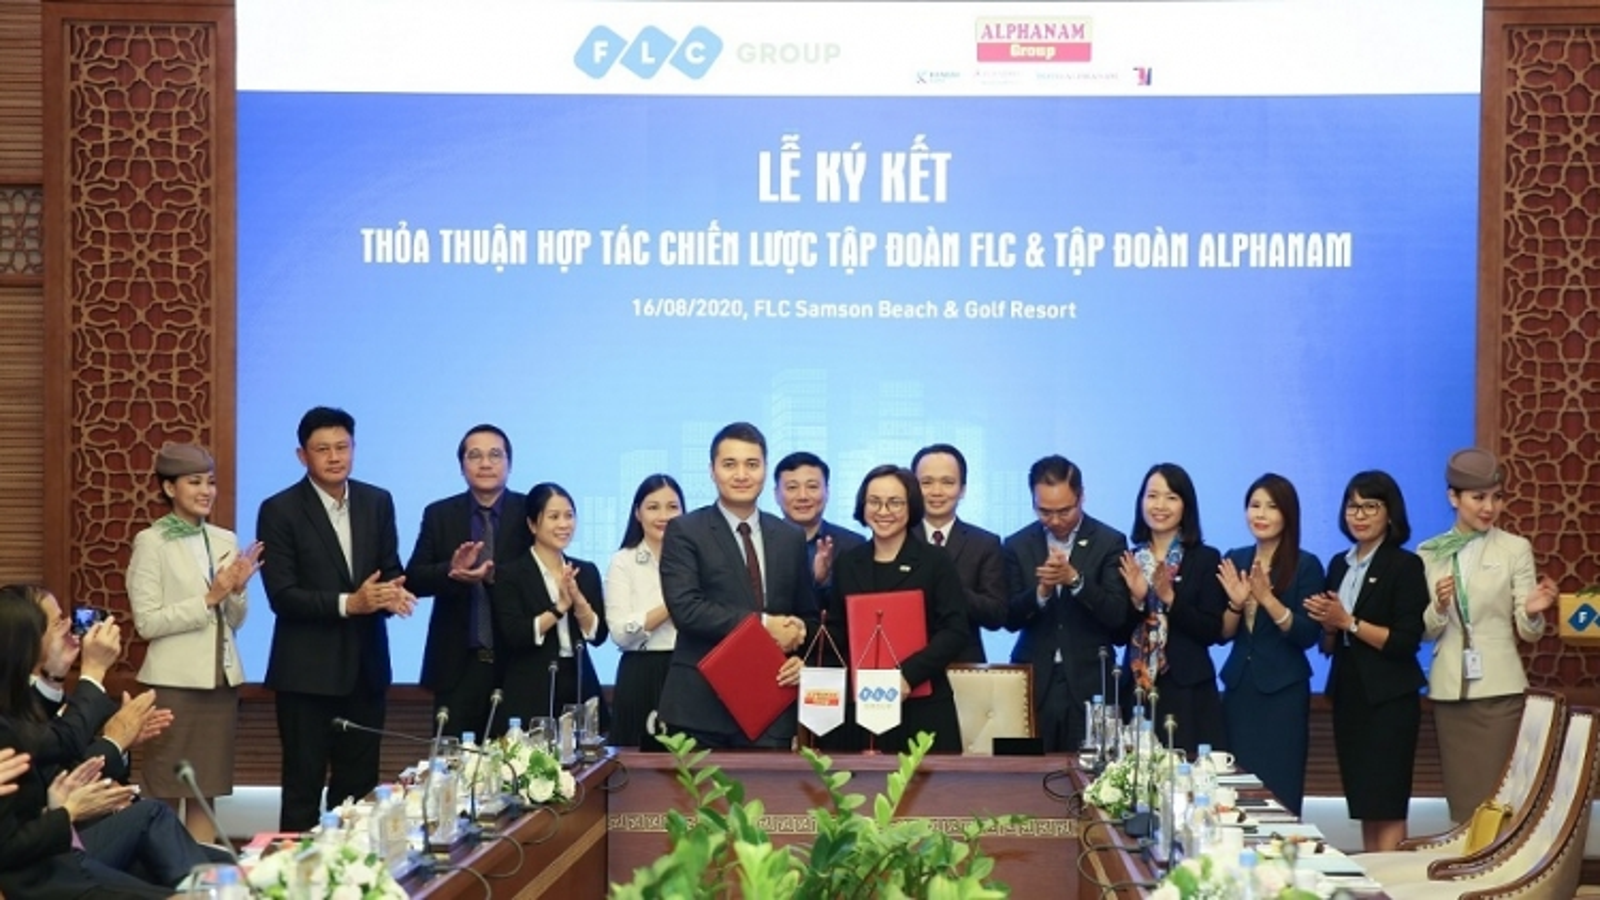 FLC bắt tay Alphanam: Liên minh mới của những doanh nhân Sao Đỏ